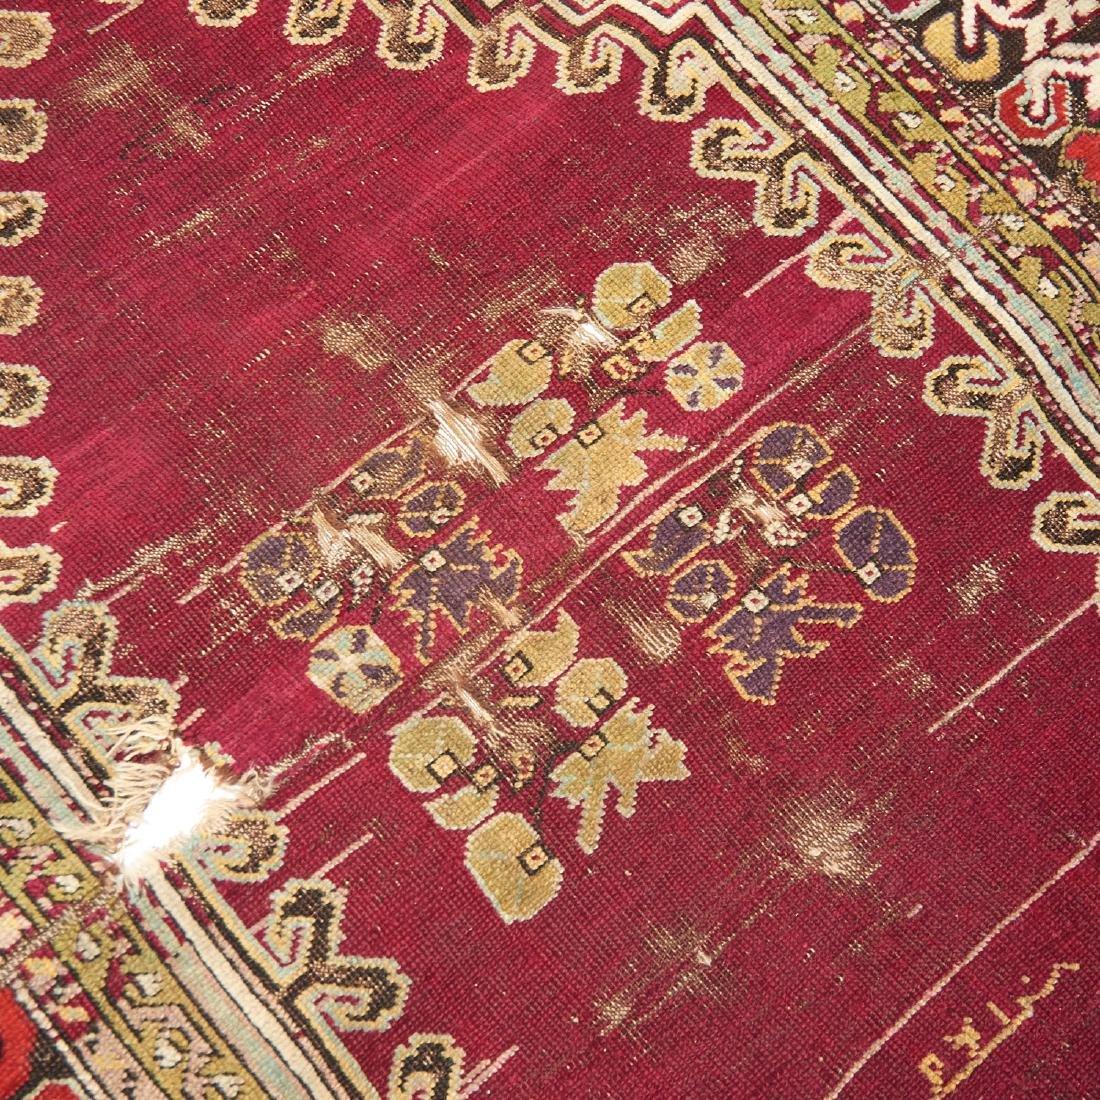 Sivas rug, ex museum - 2